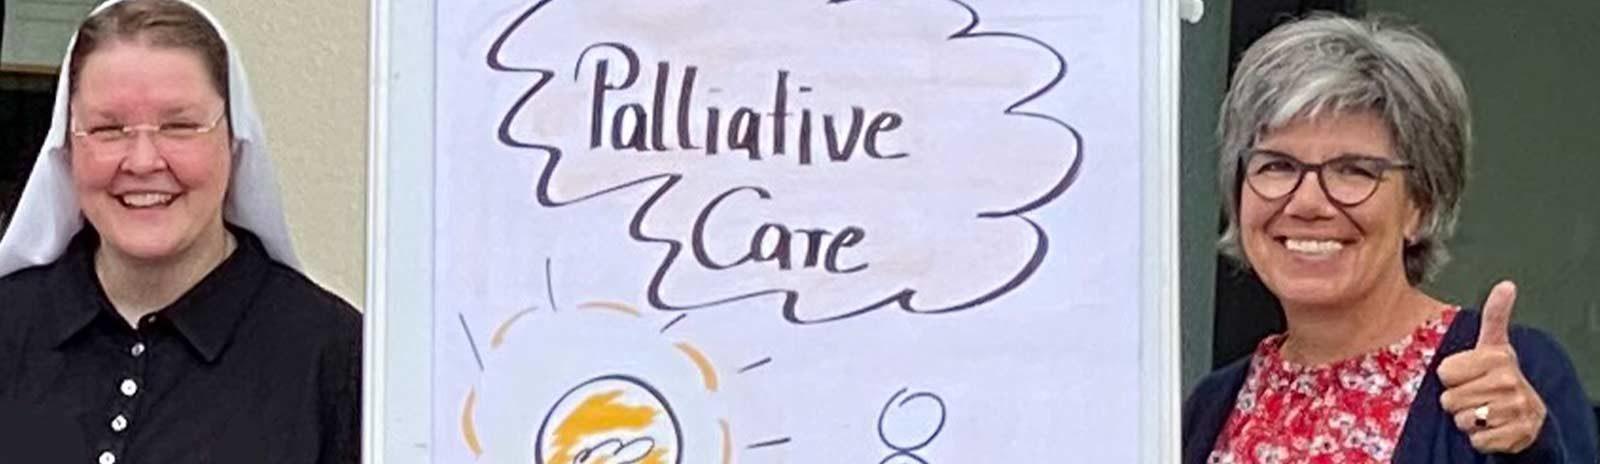 2020_08_26_Akademie_Palliative-Care_slider